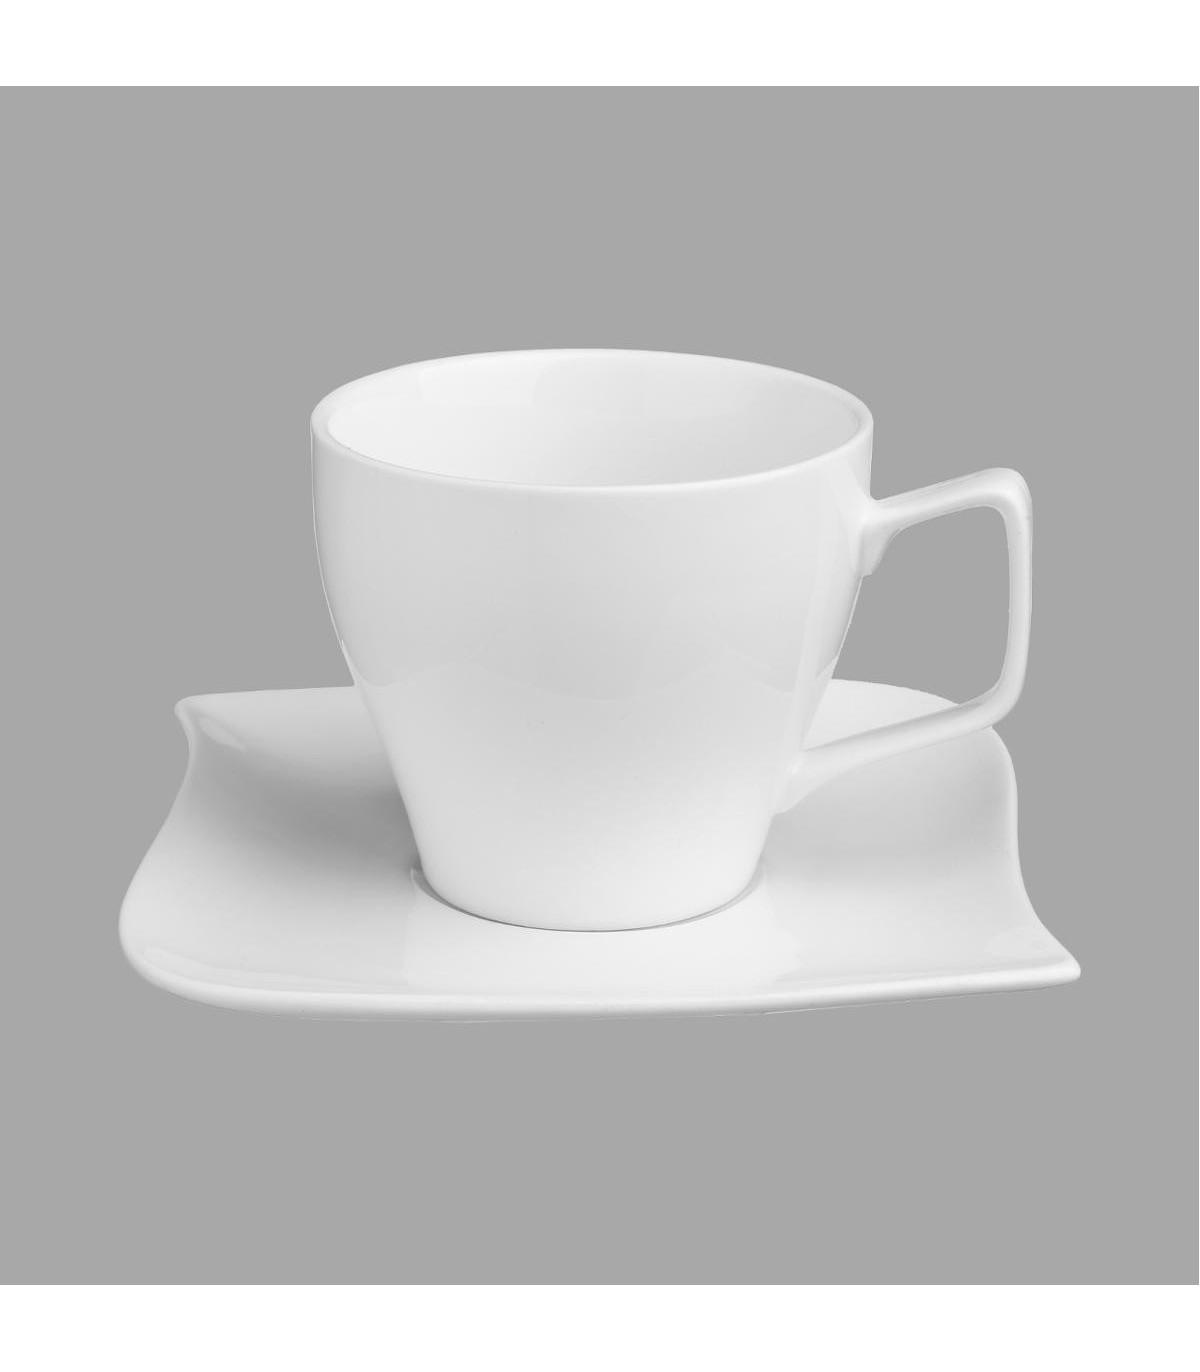 TASSE À CAFÉ VAGUE AVEC SOUS-TASSE 9CL